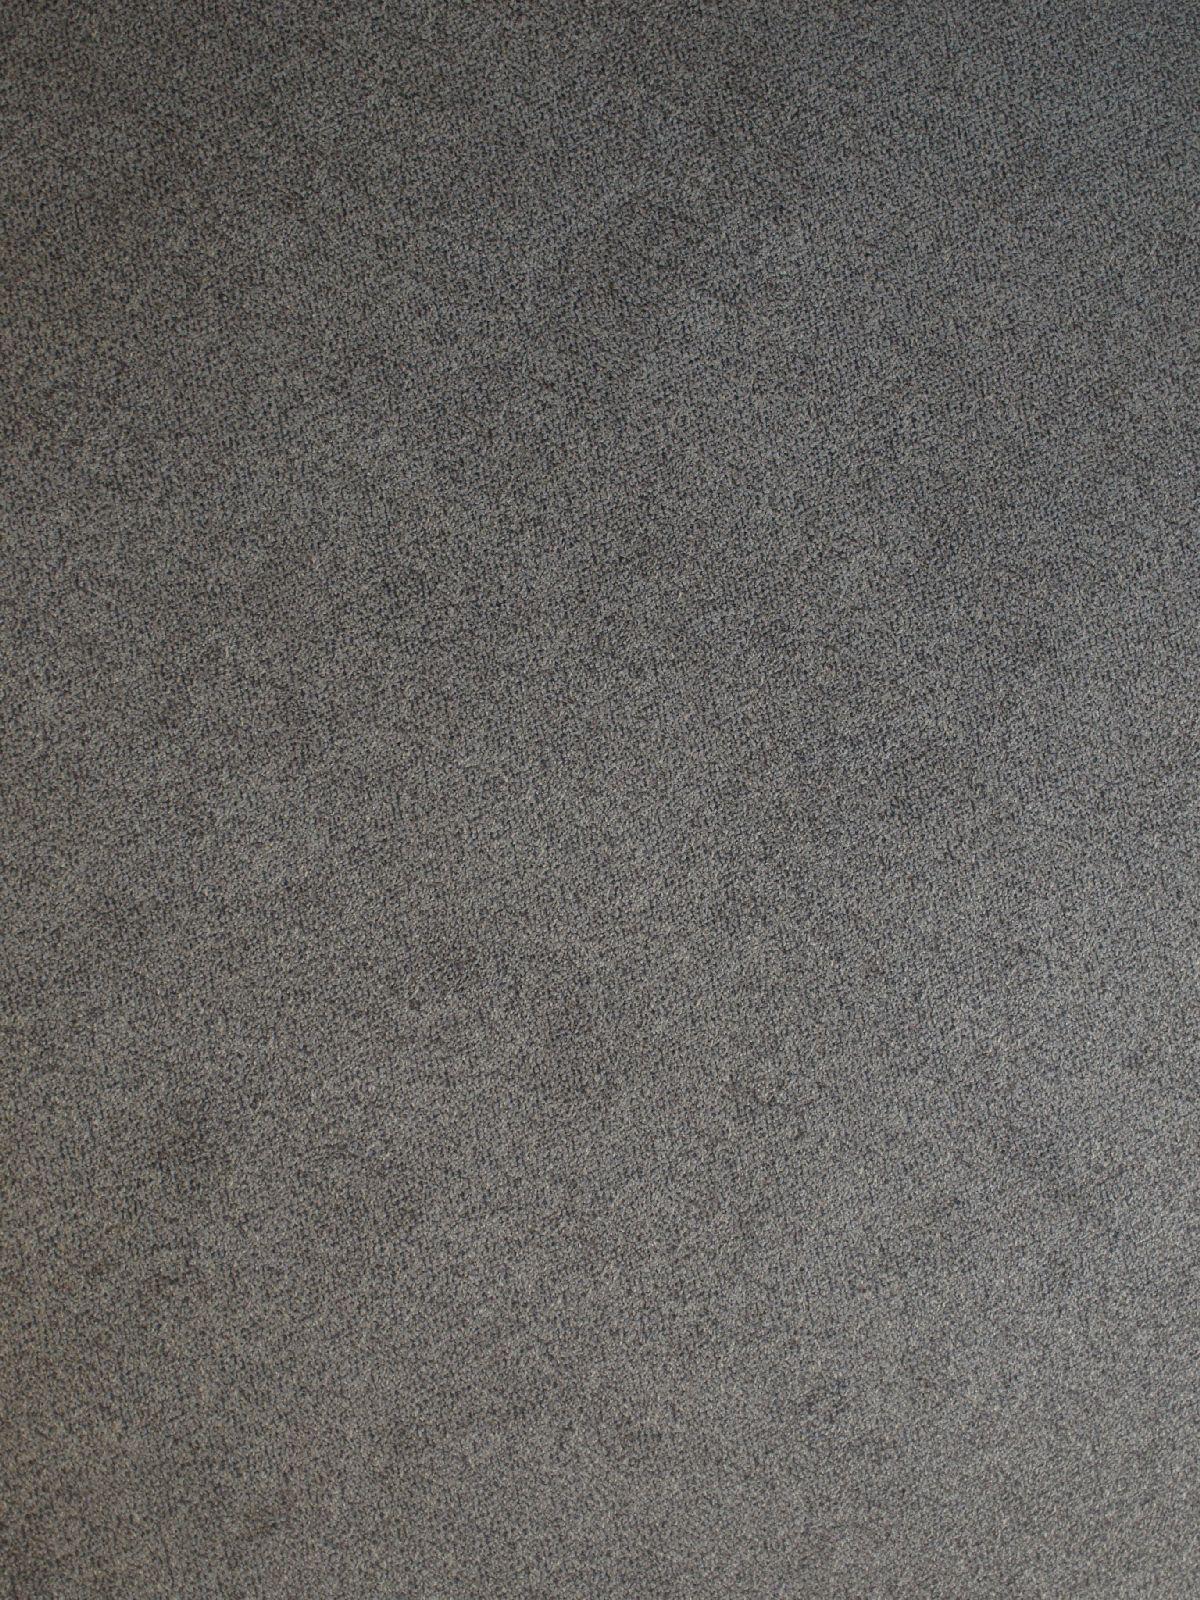 Innenraum-Material_Textur_A_P9269831